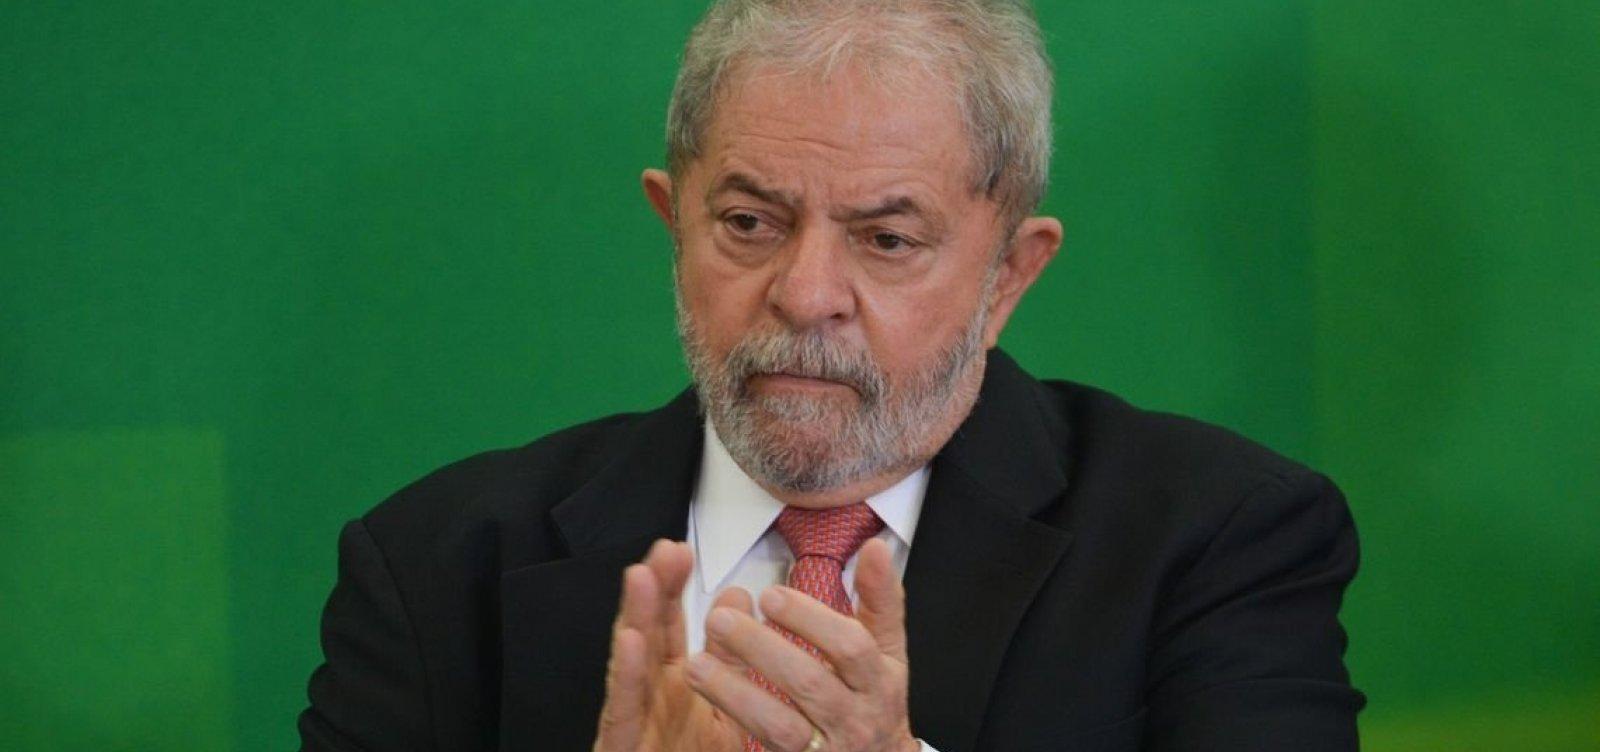 Defesa de Lula pede que petista deixe prisão após decisão do STF